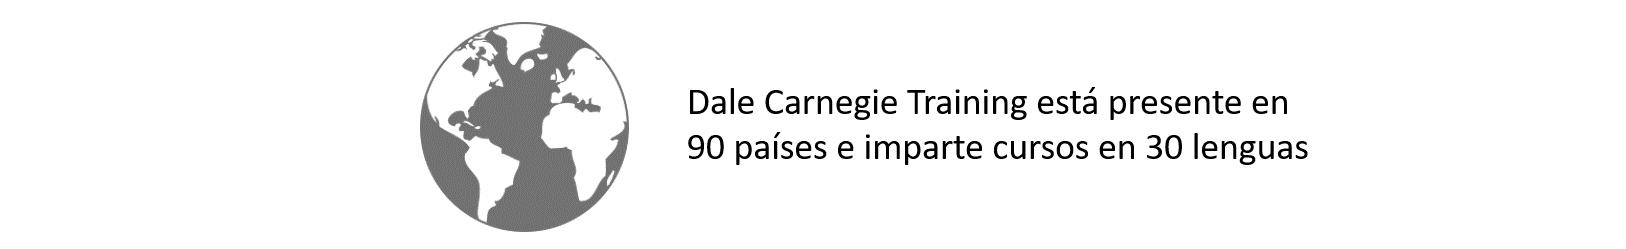 Impacto Training Calendario.Programas De Liderazgo Y Coaching Dale Carnegie Training